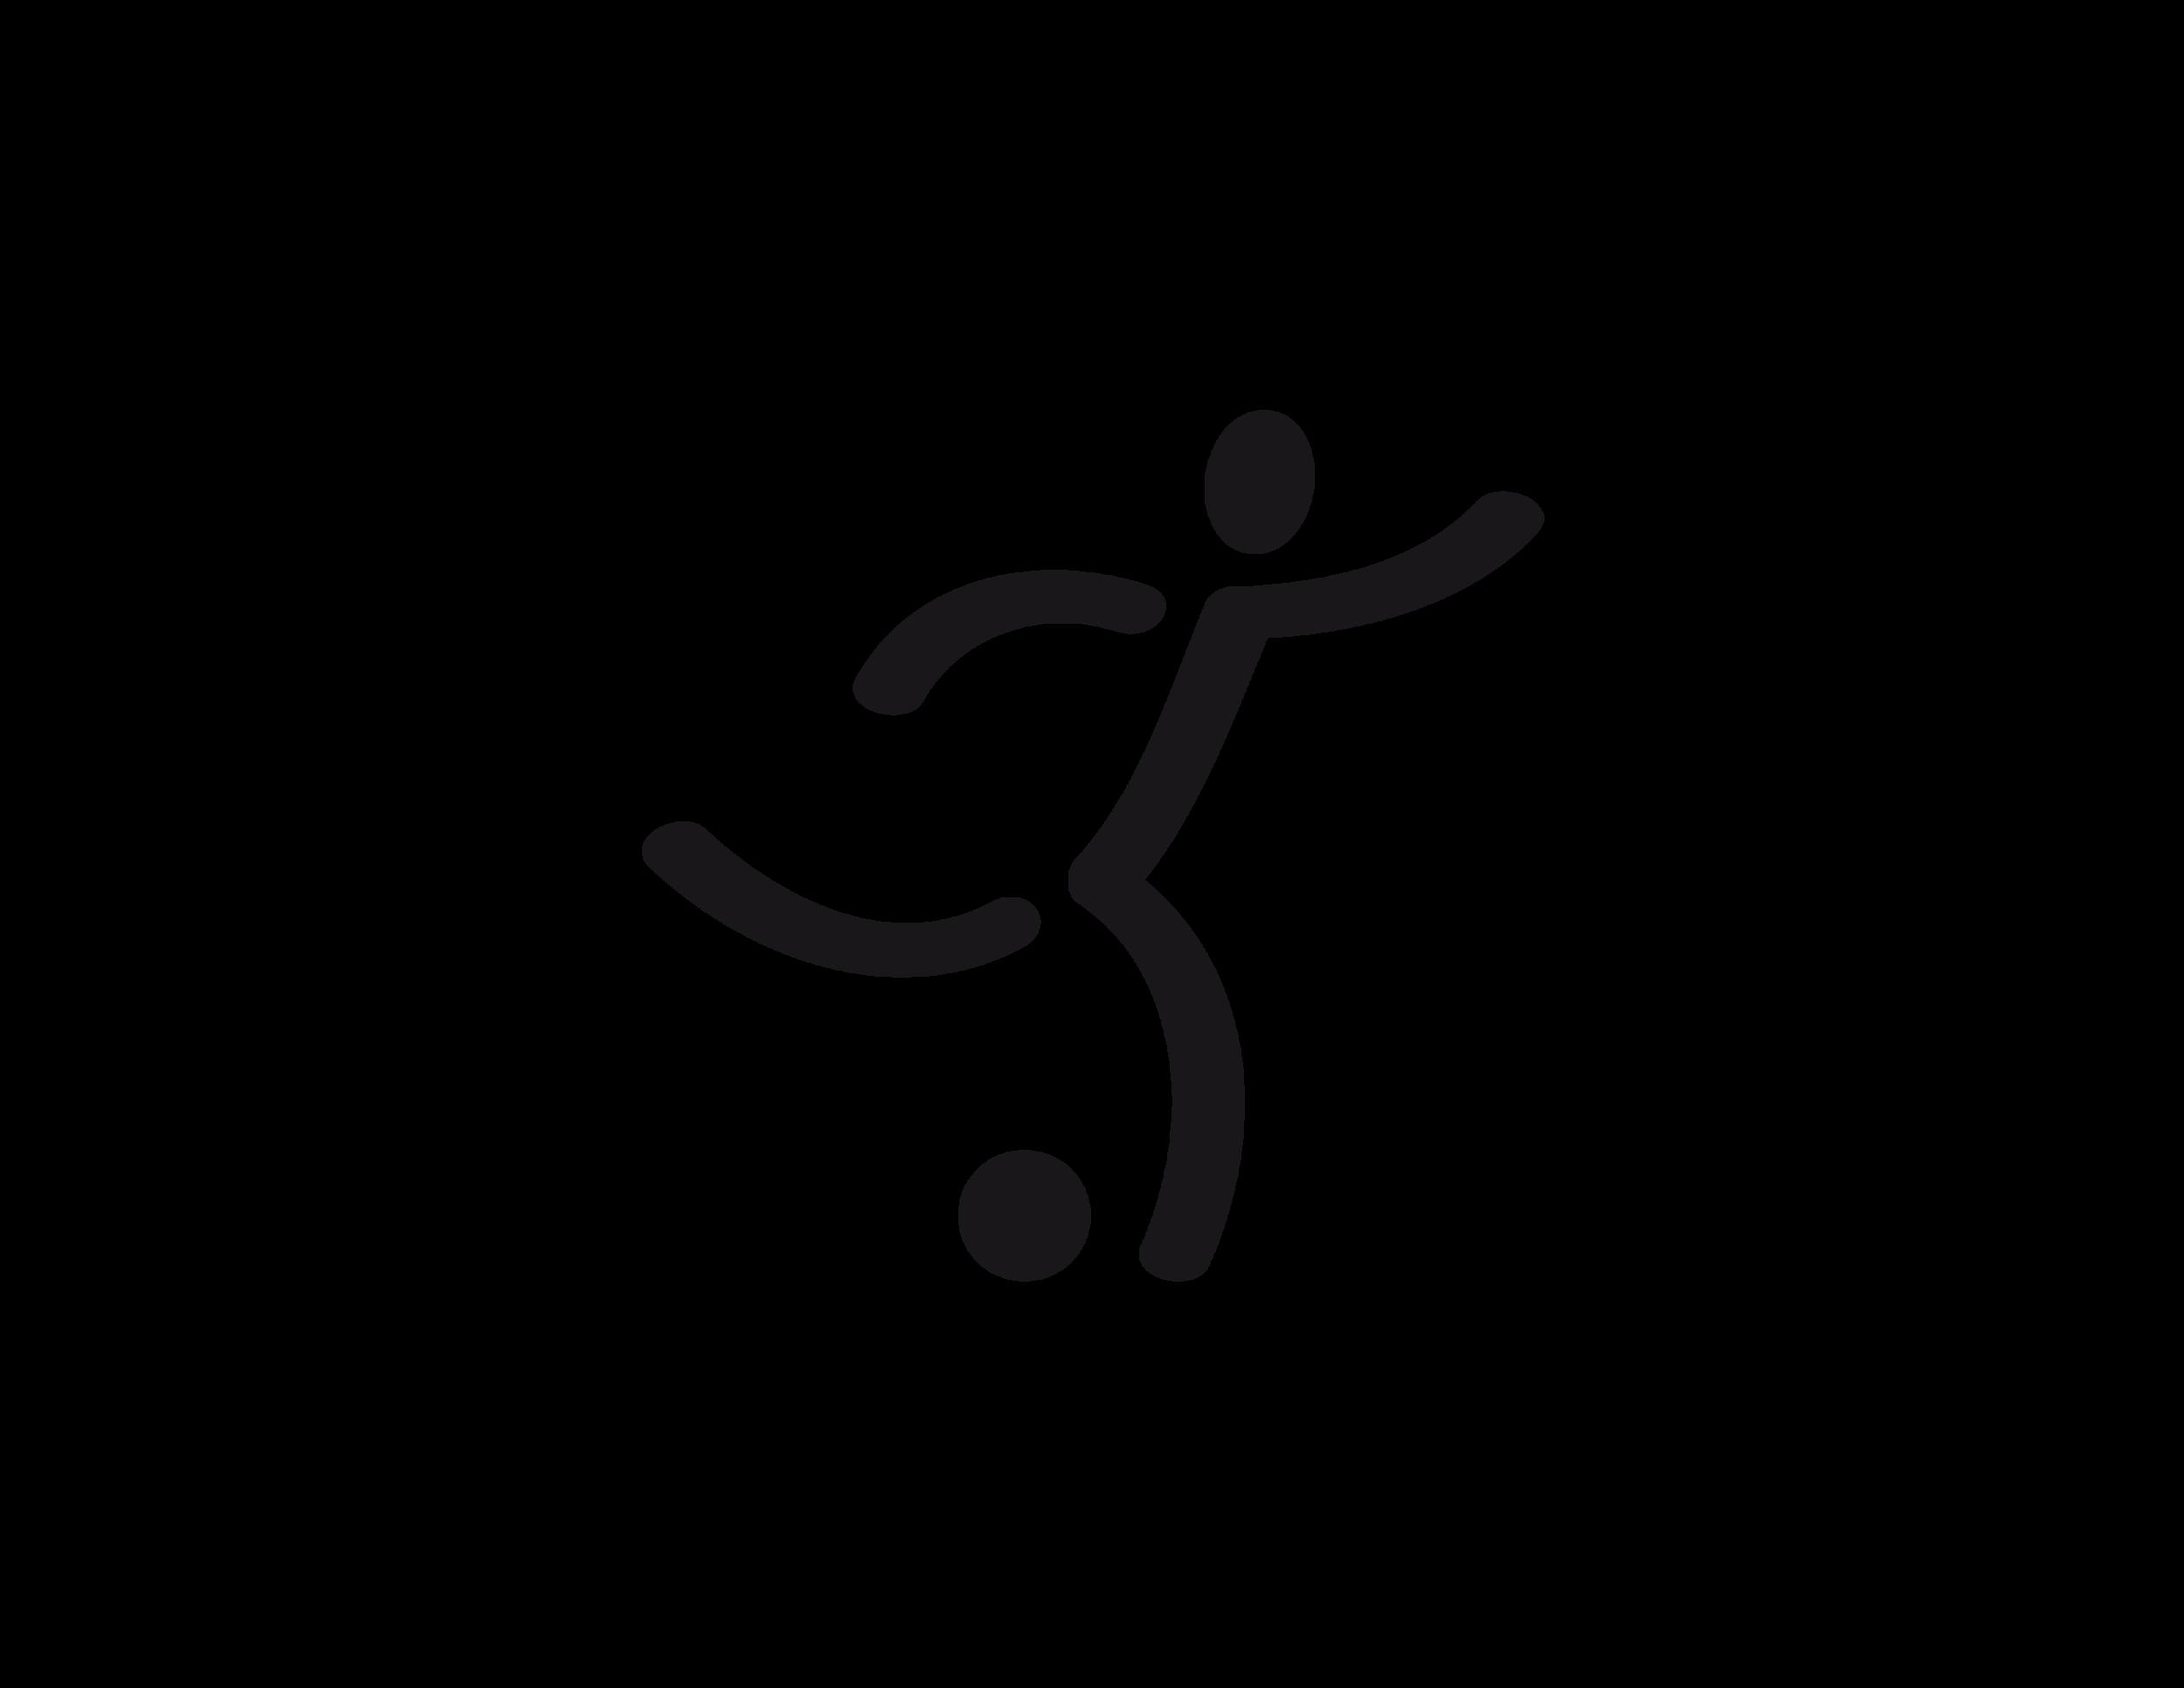 Fútbol - Acerca del fútbol: jugado en casi todos los países, el éxito del deporte se debe al hecho de que puede ser jugado por niños, niñas, hombres y mujeres de casi cualquier complexión y habilidad física. El fútbol requiere poco equipamiento especializado y está organizado siguiendo reglas simples e intuitivas.Diferencias en el fútbol de Olimpiadas Especiales: el fútbol de Olimpiadas Especiales durante los partidos tradicionales de 11 partidos de fútbol y fútbol unificado sigue las reglas de la FIFA. Sin embargo, la duración de las mitades, la sustitución y las reglas de tiempo extra están definidas por cada organización del Programa de Olimpiadas Especiales. En los partidos de fútbol 5 y 7, algunas variaciones de reglas son: patadas desde la línea de touch, saque de banda del portero, saque de banda de los porteros no pueden tocar el otro lado del campo hasta que lo toque un jugador primero, y no hay inconvenientes.Eventos para la competencia: Competencia de habilidades individuales Equipo de 5 Equipo 7 Competencia de equipo de 11 según las reglas de FIBA Competencia Fursal según las reglas de FIBA Competición de equipo de 5 de deportes unificados Competición de equipo de 7 de deportes unificados Competición de equipo de deportes 11 designadaDivisión en Olimpiadas Especiales: los atletas de todos los deportes y eventos se agrupan por edad, sexo y capacidad, dando a todos la oportunidad de ganar. En Olimpiadas Especiales no hay récords mundiales porque cada atleta, ya sea en la división más rápida o más lenta, se valora y reconoce por igual. En cada división, todos los atletas reciben un premio, desde medallas de oro, plata y bronce, hasta cintas de cuarto a octavo lugar. Esta idea de agrupaciones de igual capacidad es la base de la competencia en Olimpiadas Especiales y se puede presenciar en cualquier evento, ya sea atletismo, deportes acuáticos, tenis de mesa, fútbol, squí o gimnasia. Todos los atletas tienen las mismas oportunidades de participar, actuar y se